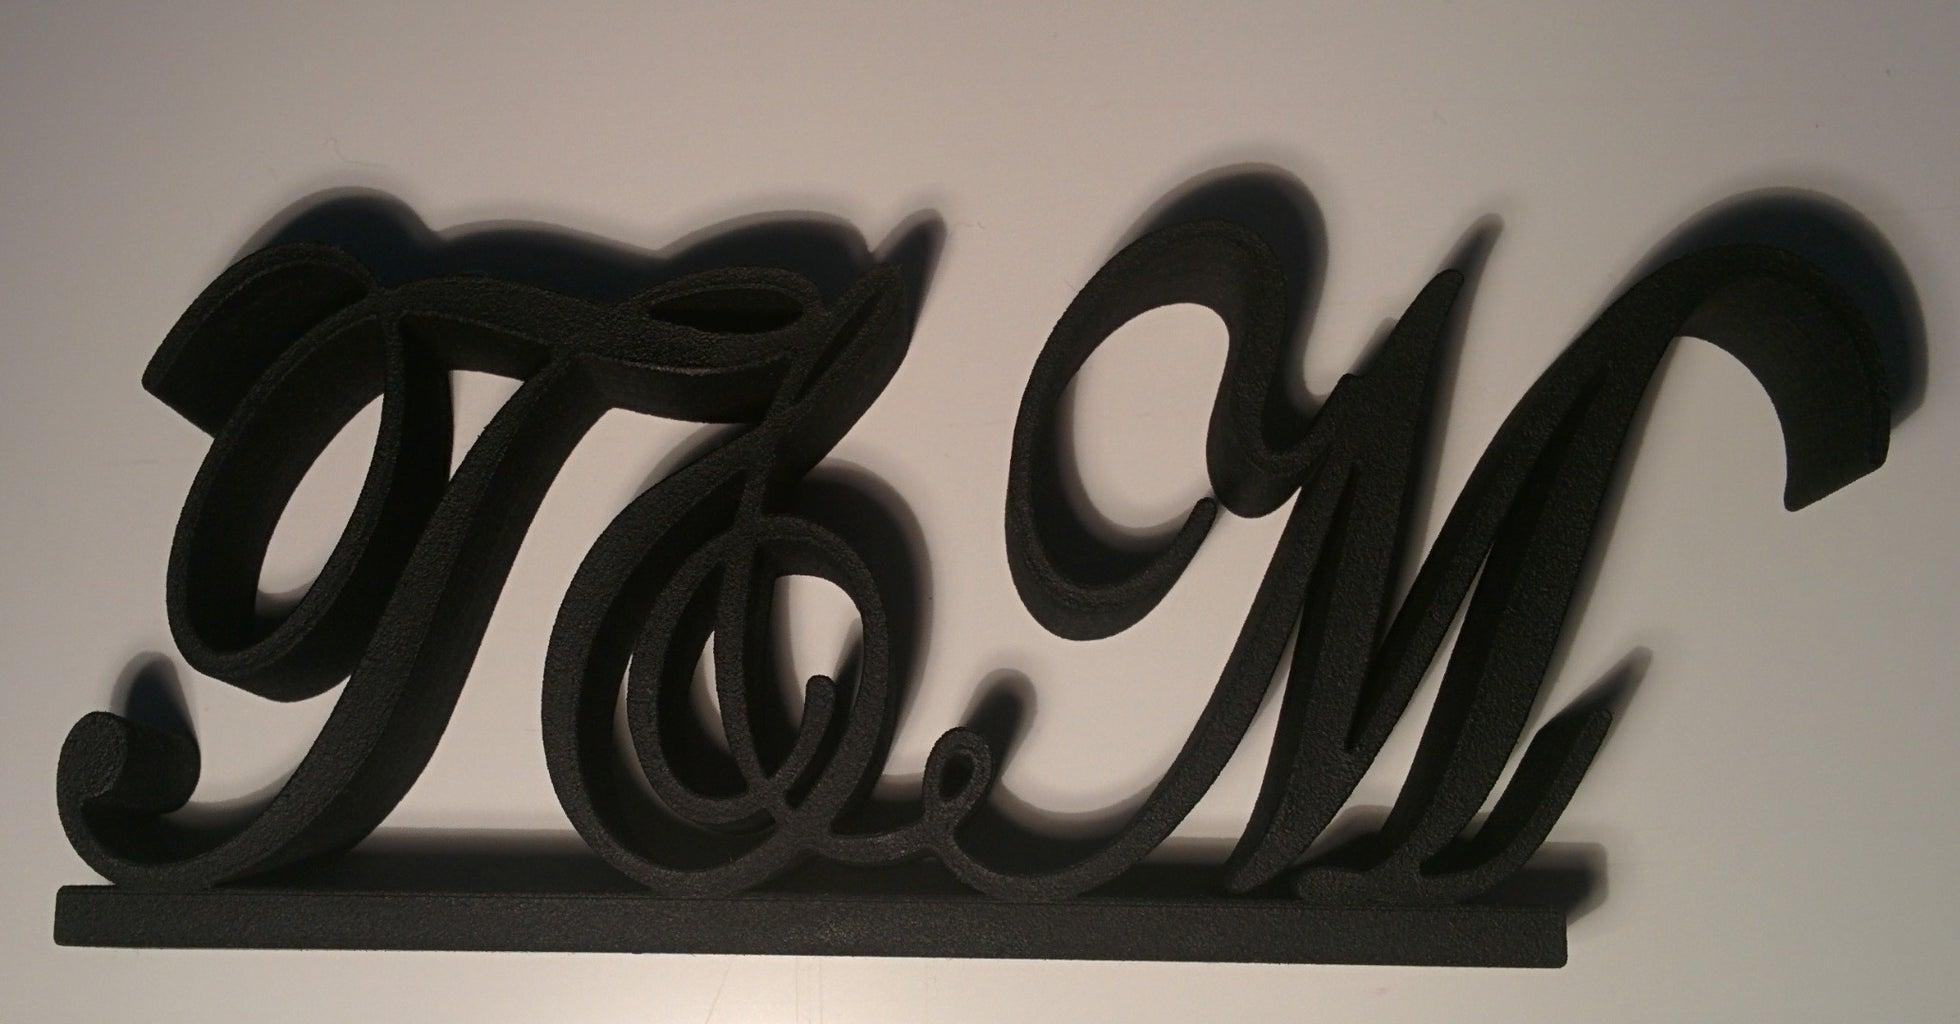 3D Printed Monogram Cake Topper